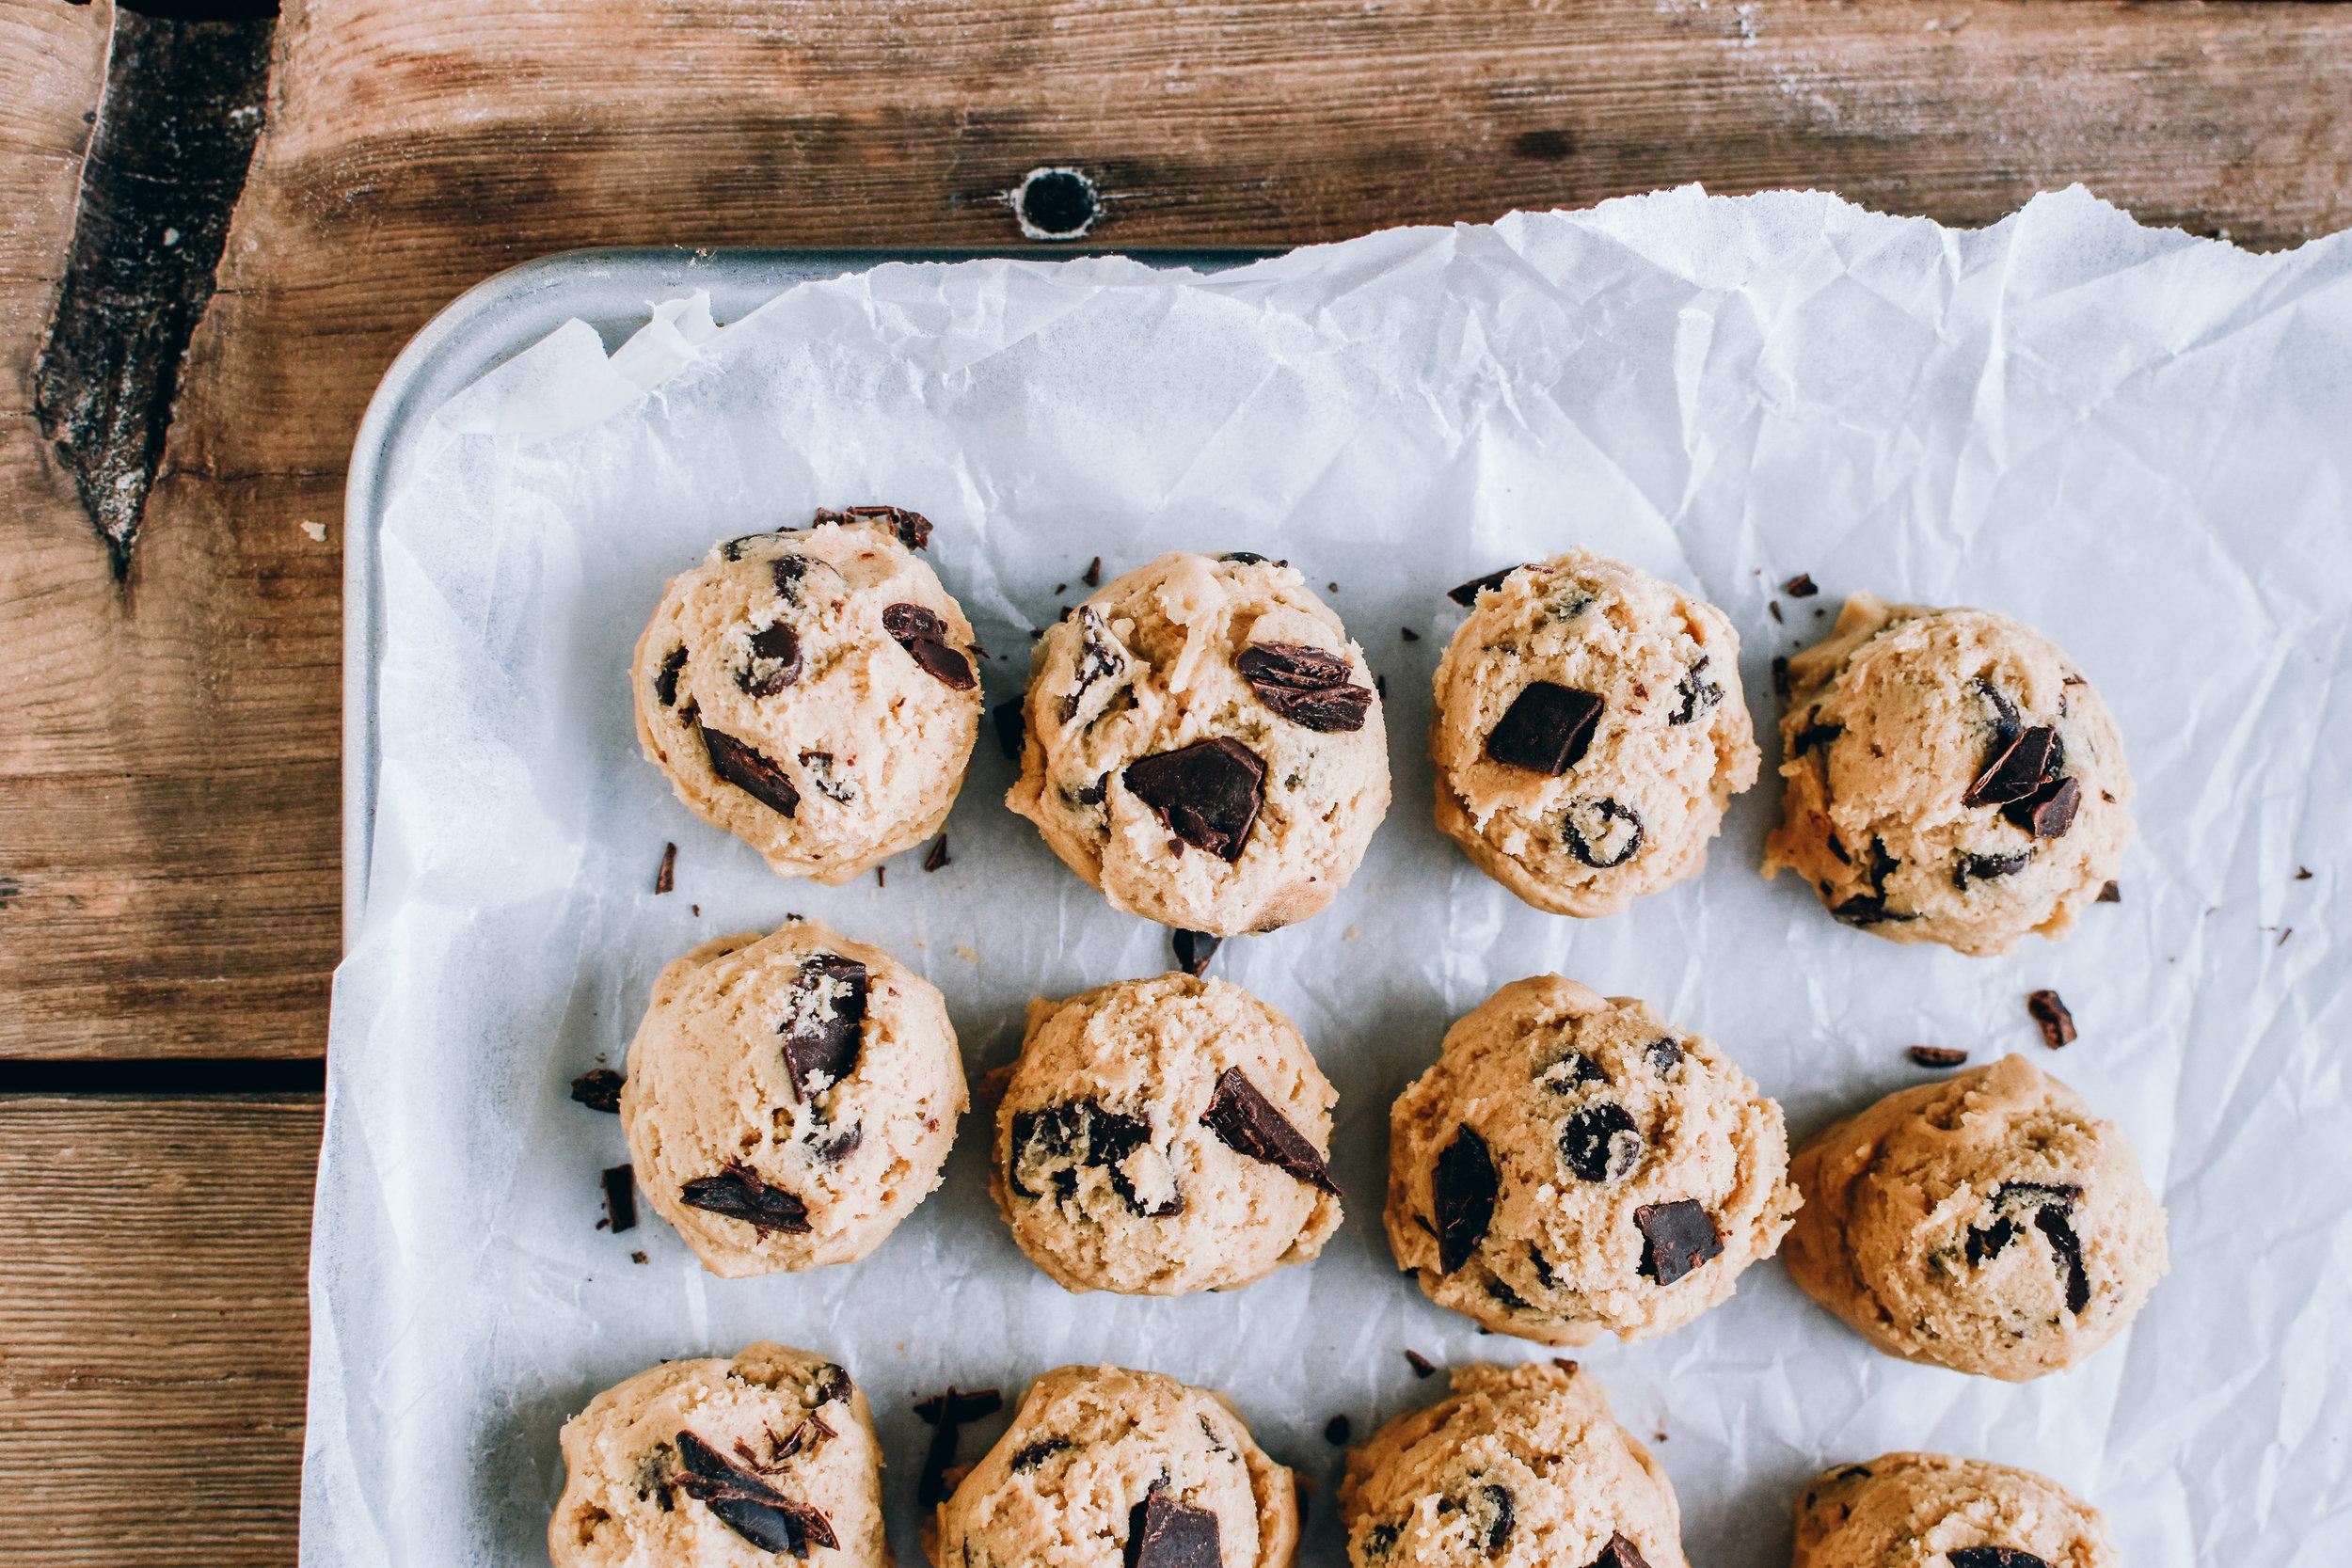 chocolatechipcookies_thefarmersdaughter-3.jpg